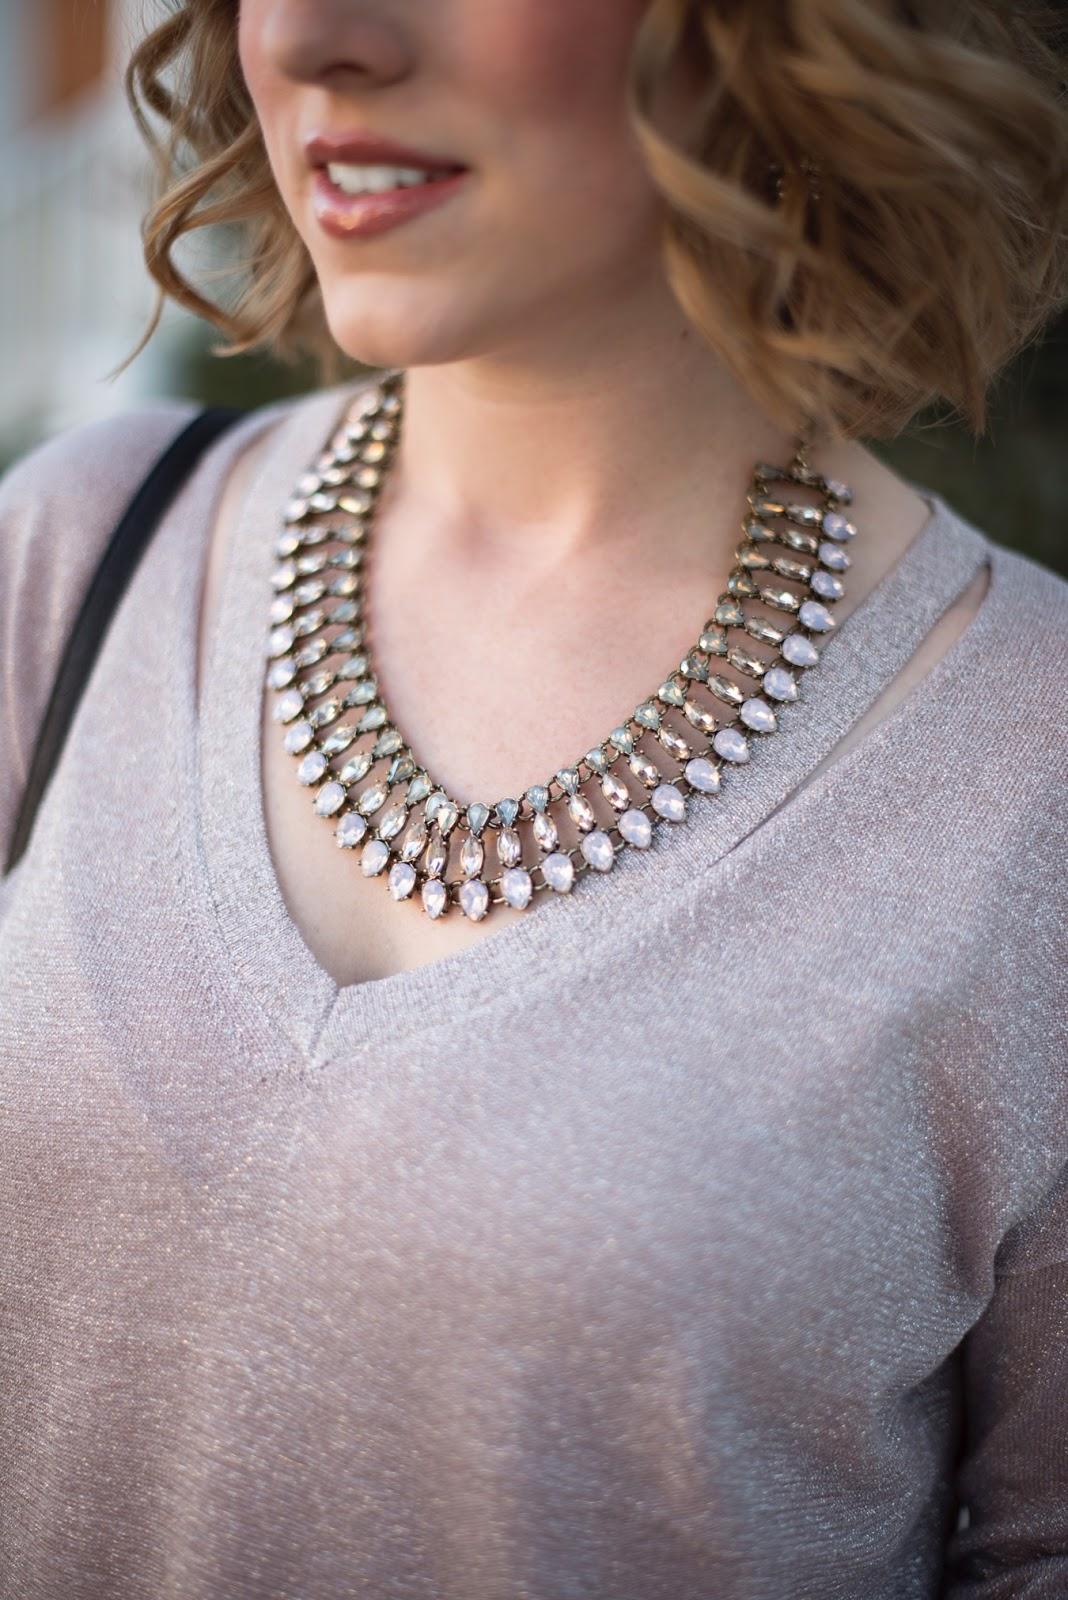 Baublbar Necklace - Something Delightful Blog